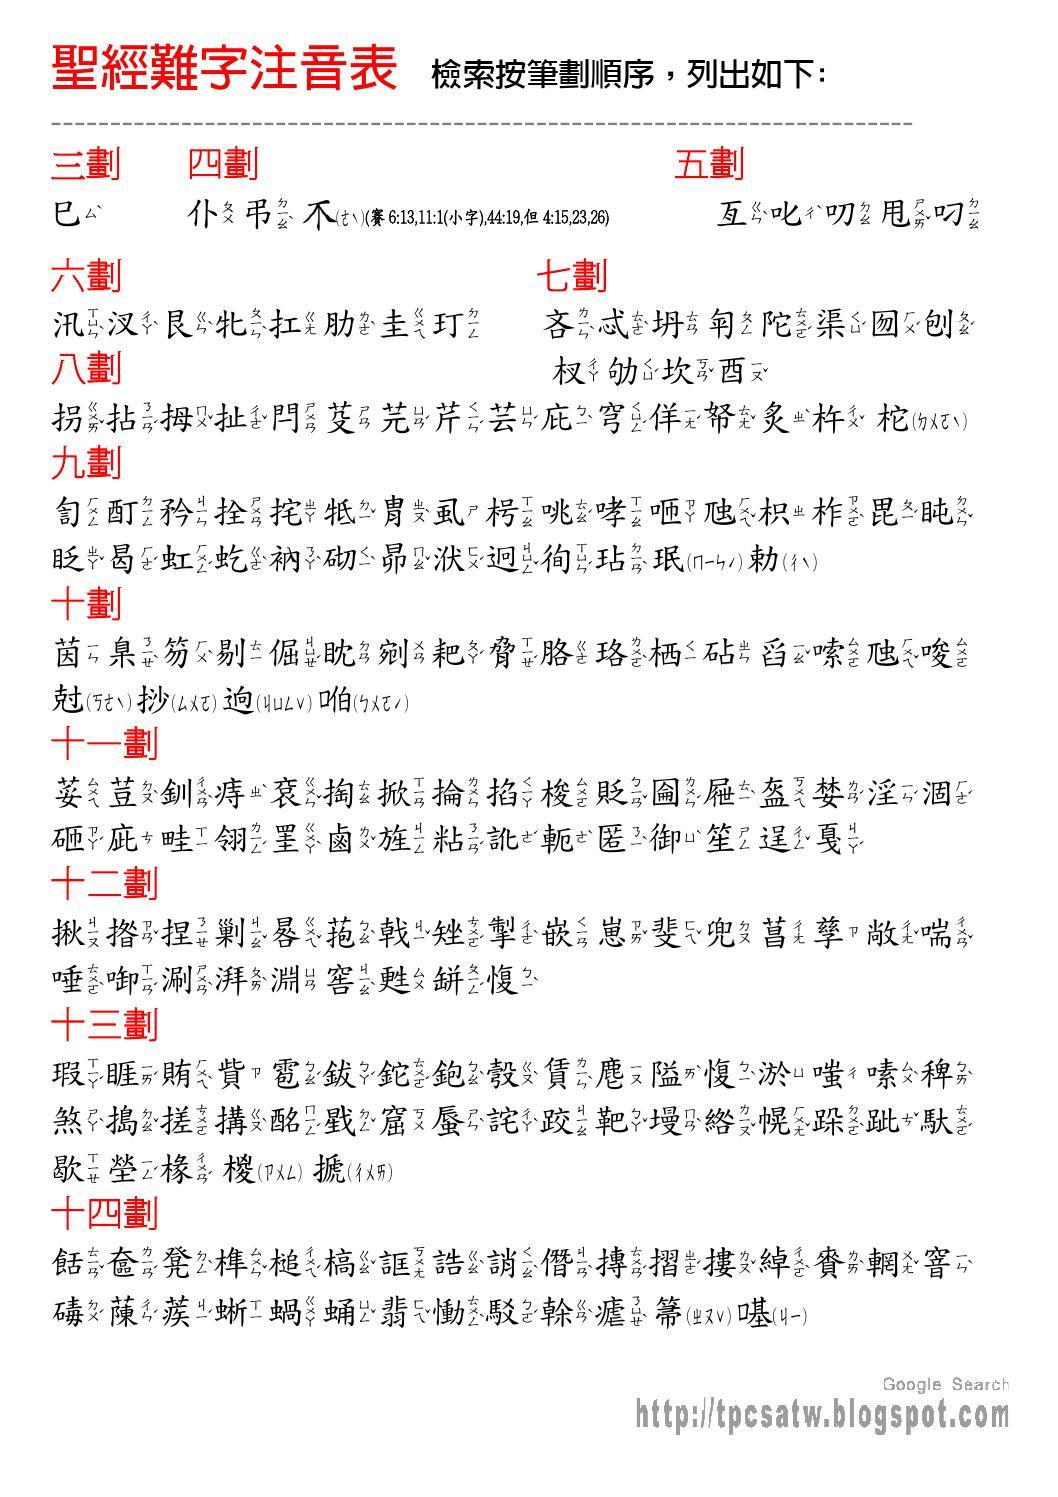 聖經難字注音表(楷書注音)er by lsk48529 - Issuu